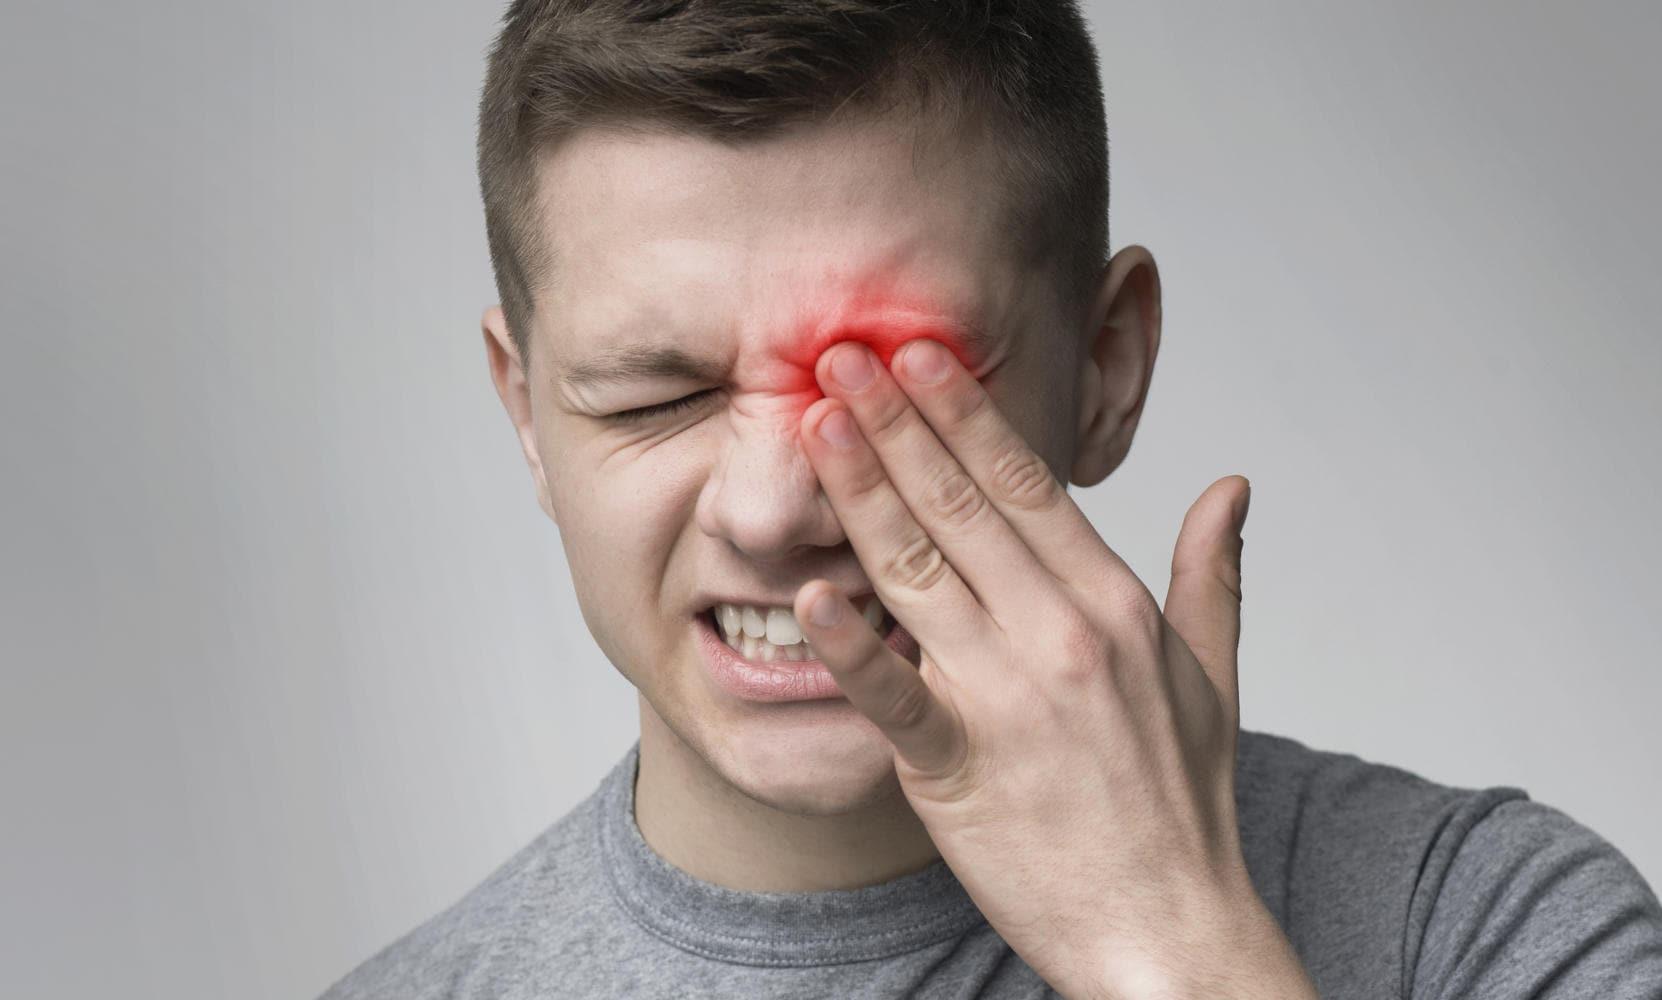 Uomo che si tocca l'occhio sinistro a causa di dolore